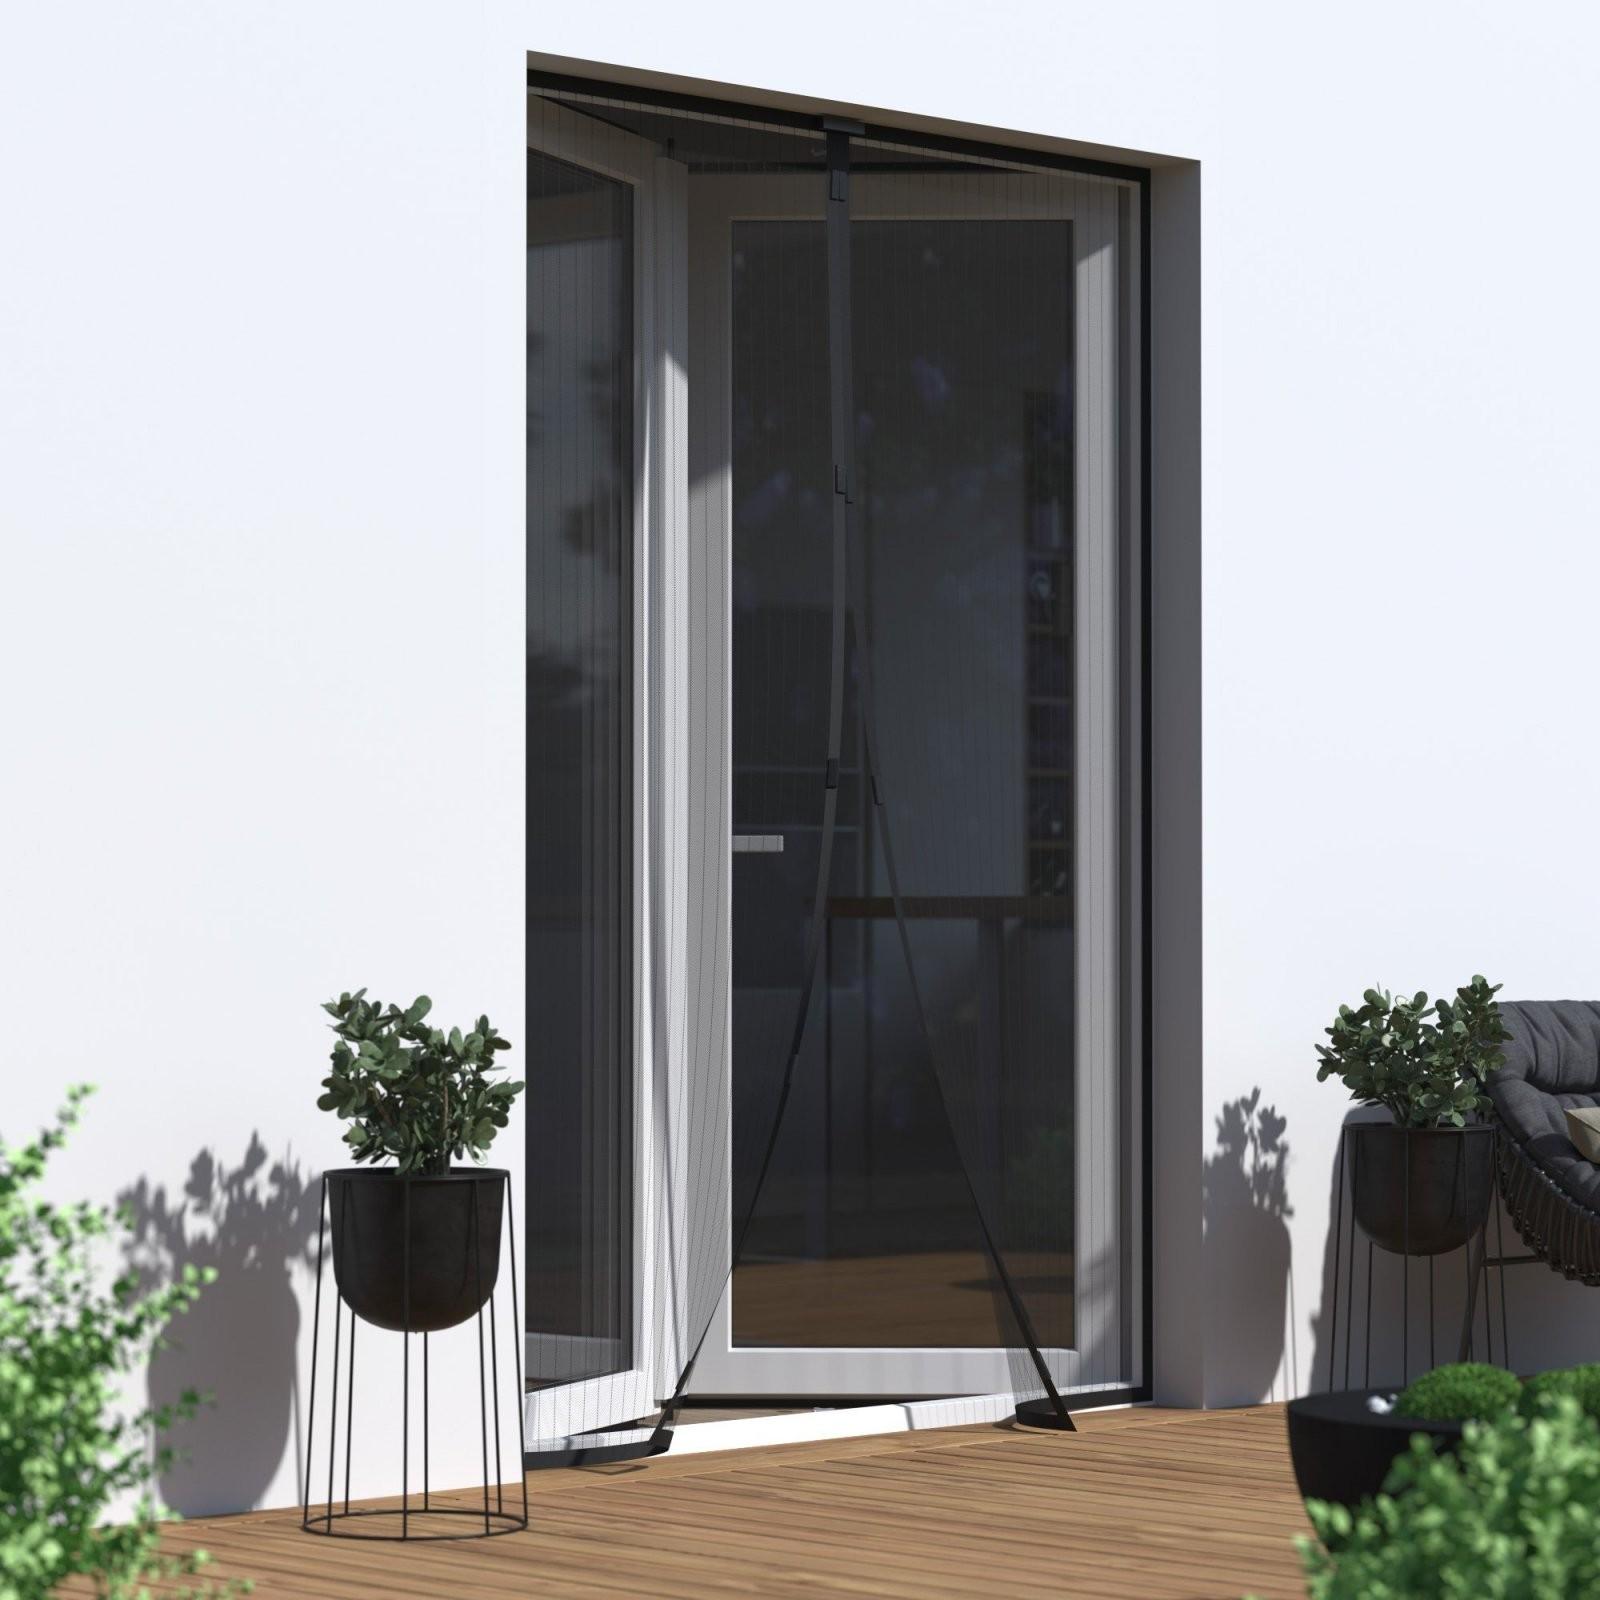 Fliegengitter Magnetvorhänge Für Türen von Insektenschutzvorhang Für Türen Mit Magnet Bild